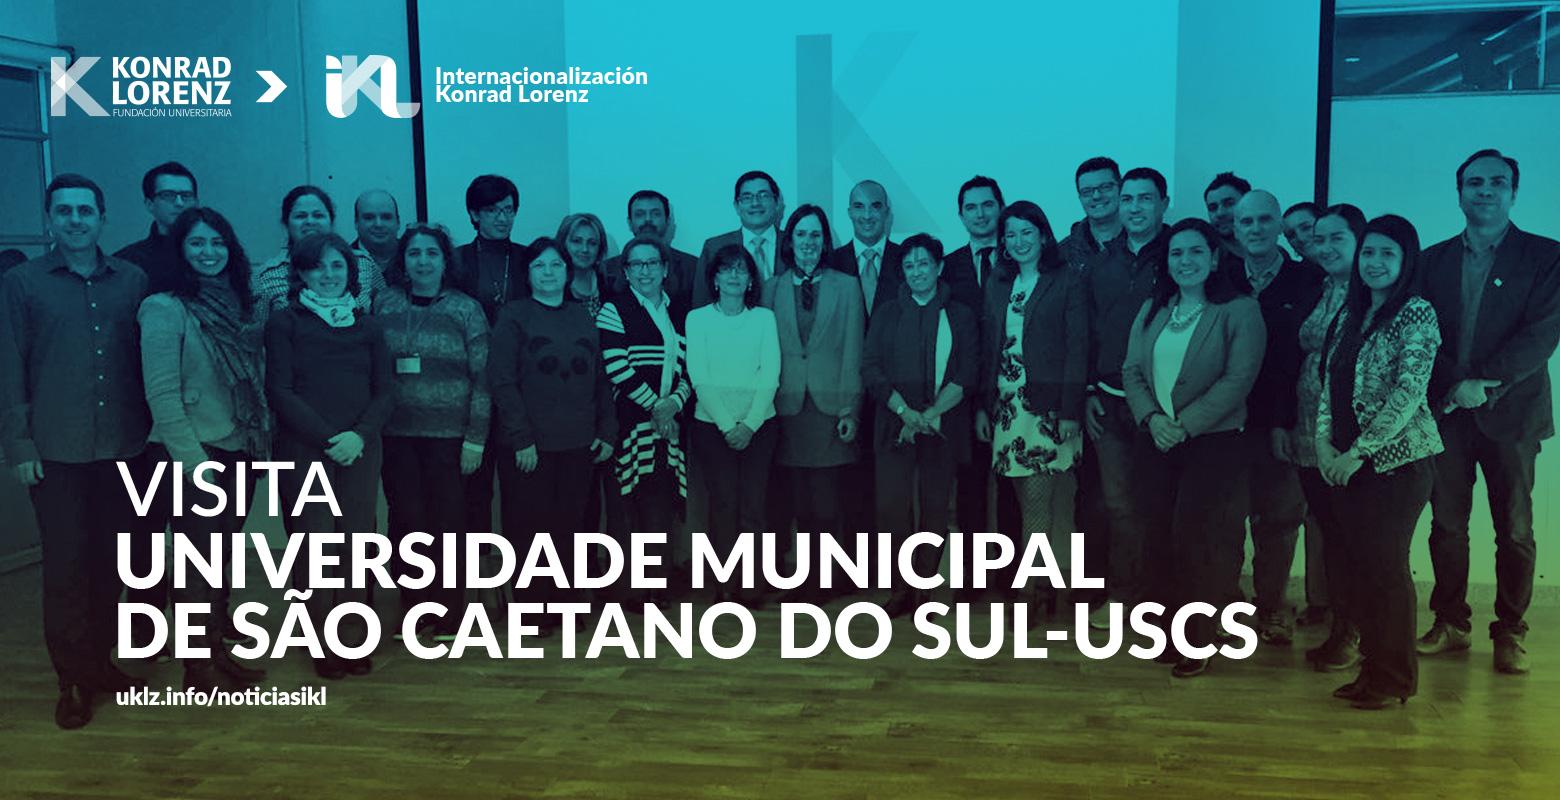 Visita Universidade Municipal de São Caetano do Sul-USCS